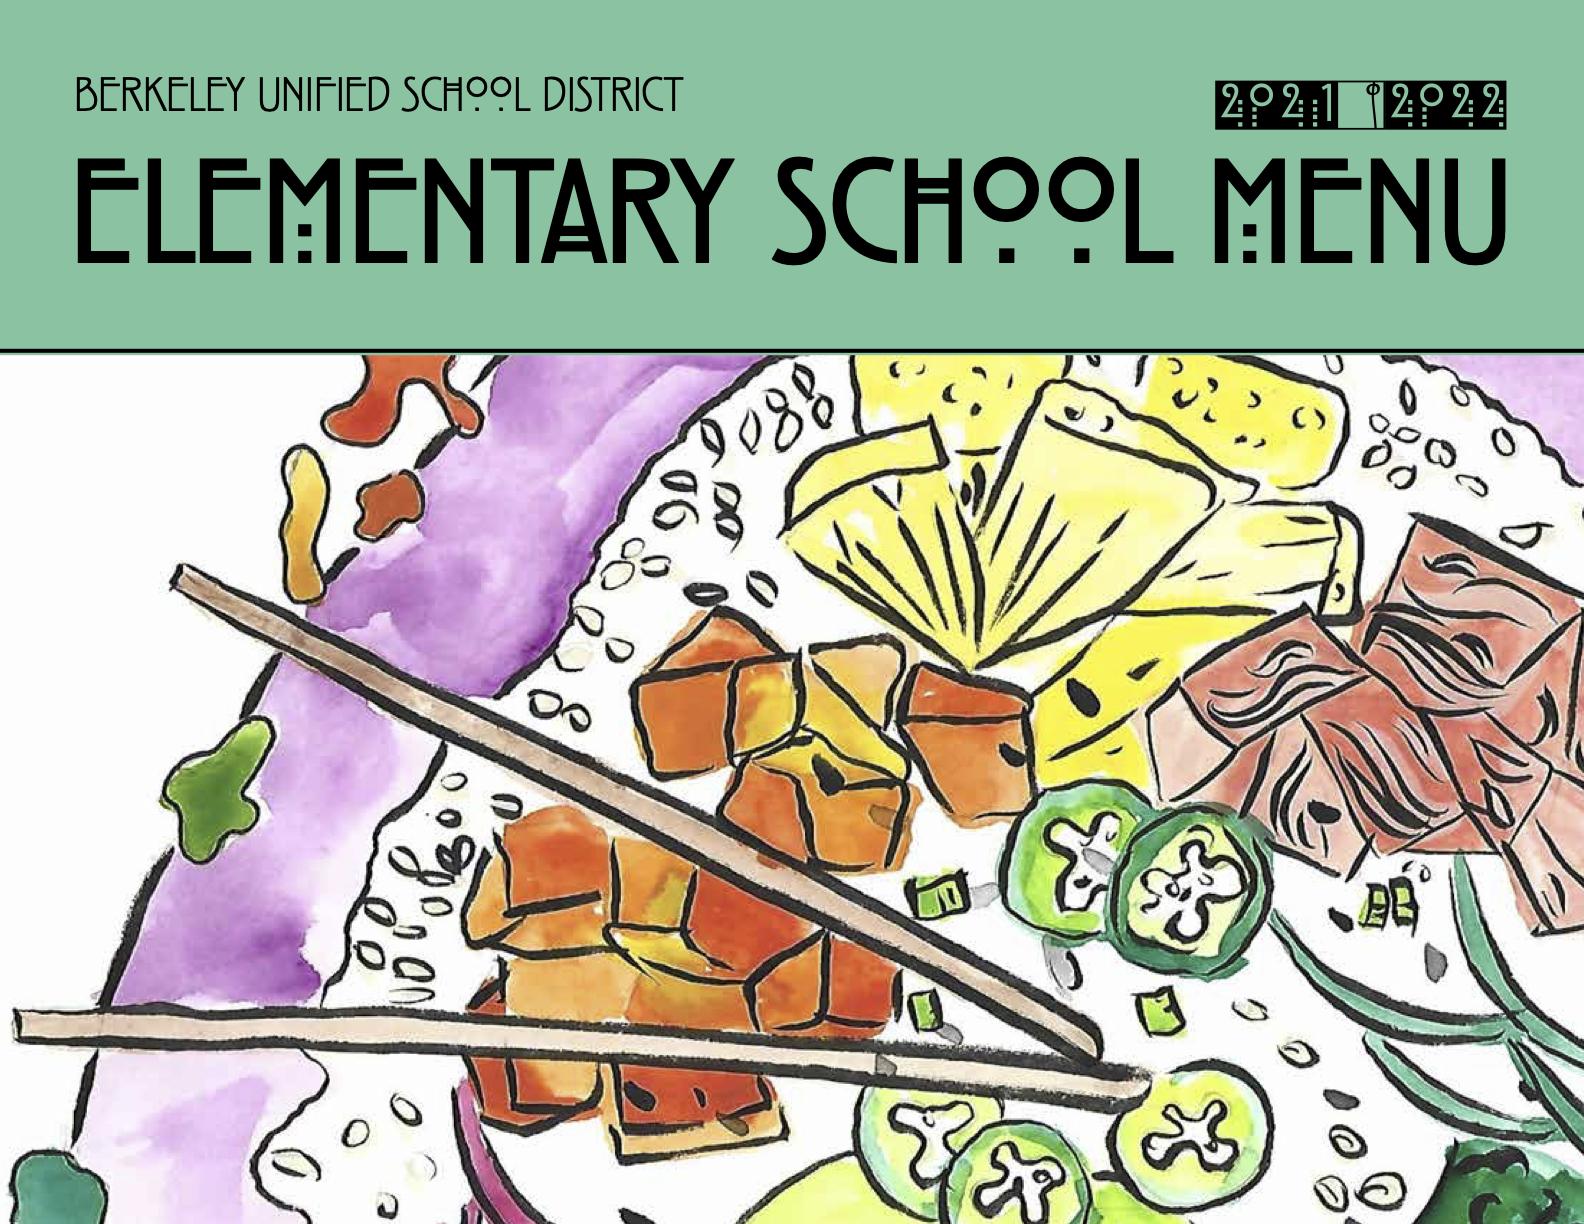 Elementary School Lunch Menu